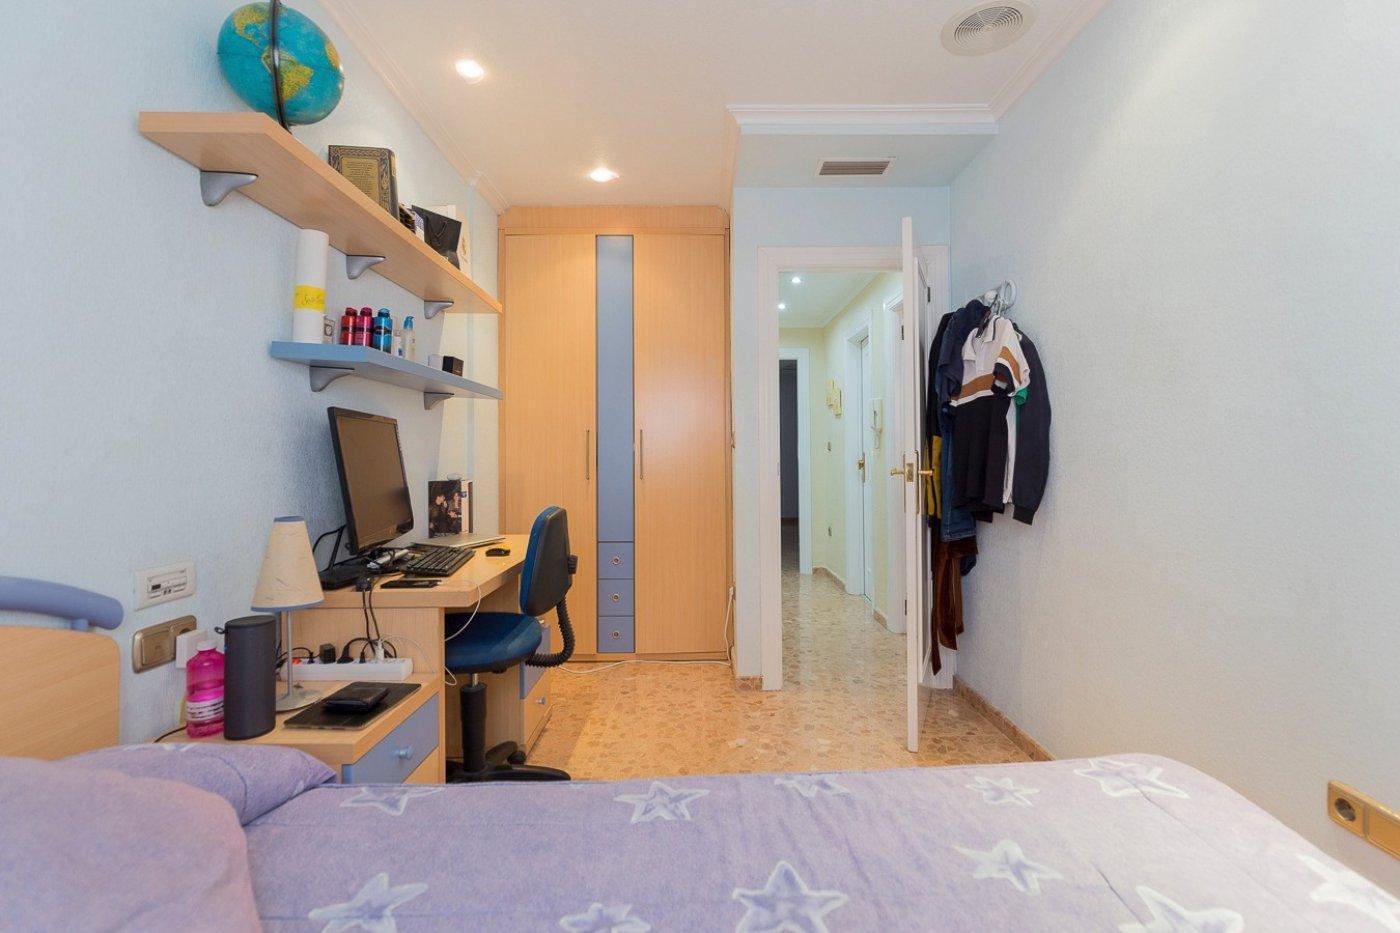 Adosado con 4 dormitorios en zona Residencial muy solicitada